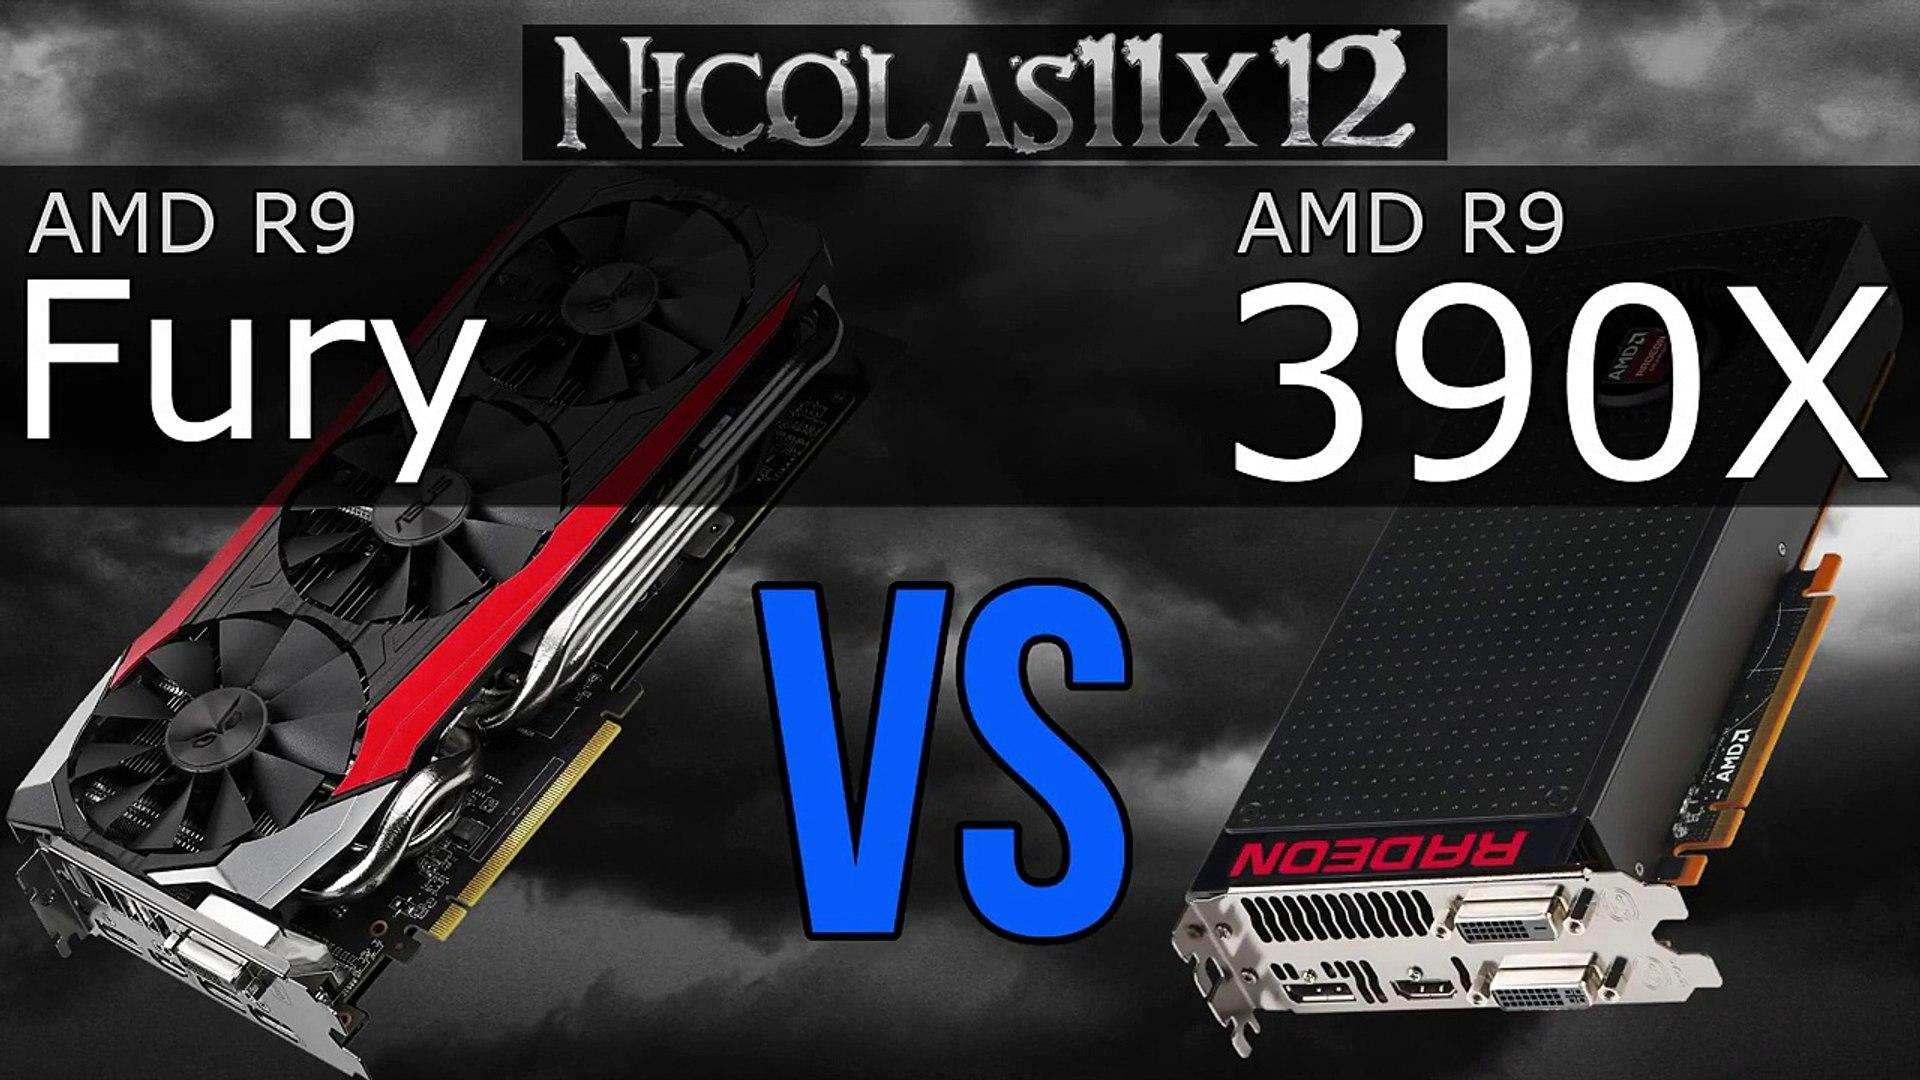 AMD R9 Fury vs R9 390X